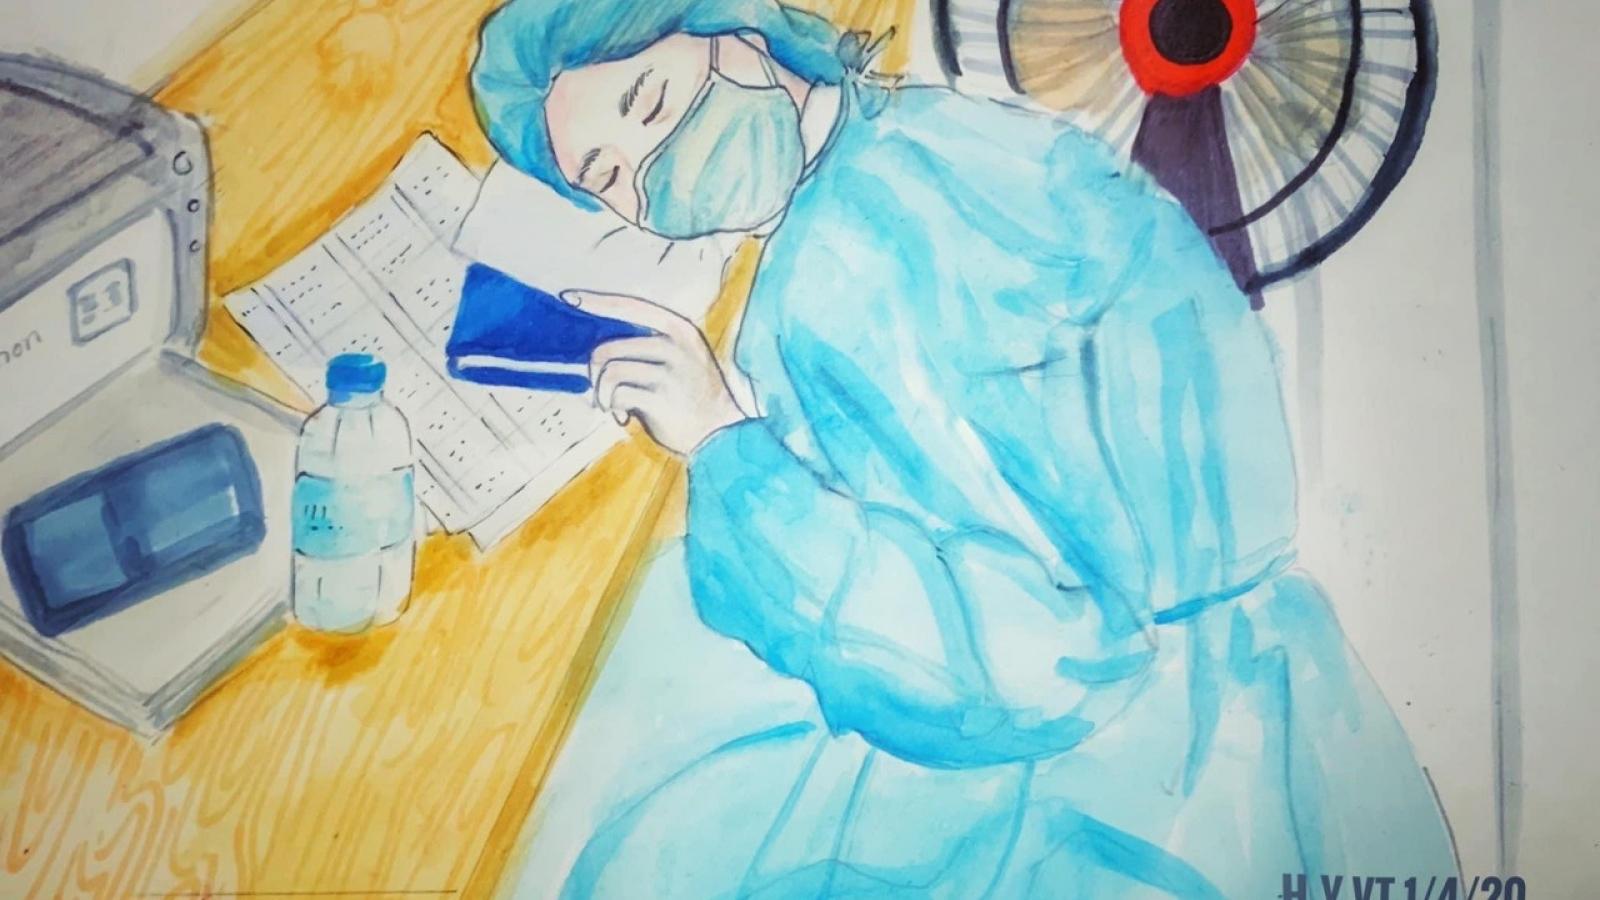 Nhữngbức tranh chống dịch Covid-19 gây sốt trên mạng của cô giáo Vũng Tàu